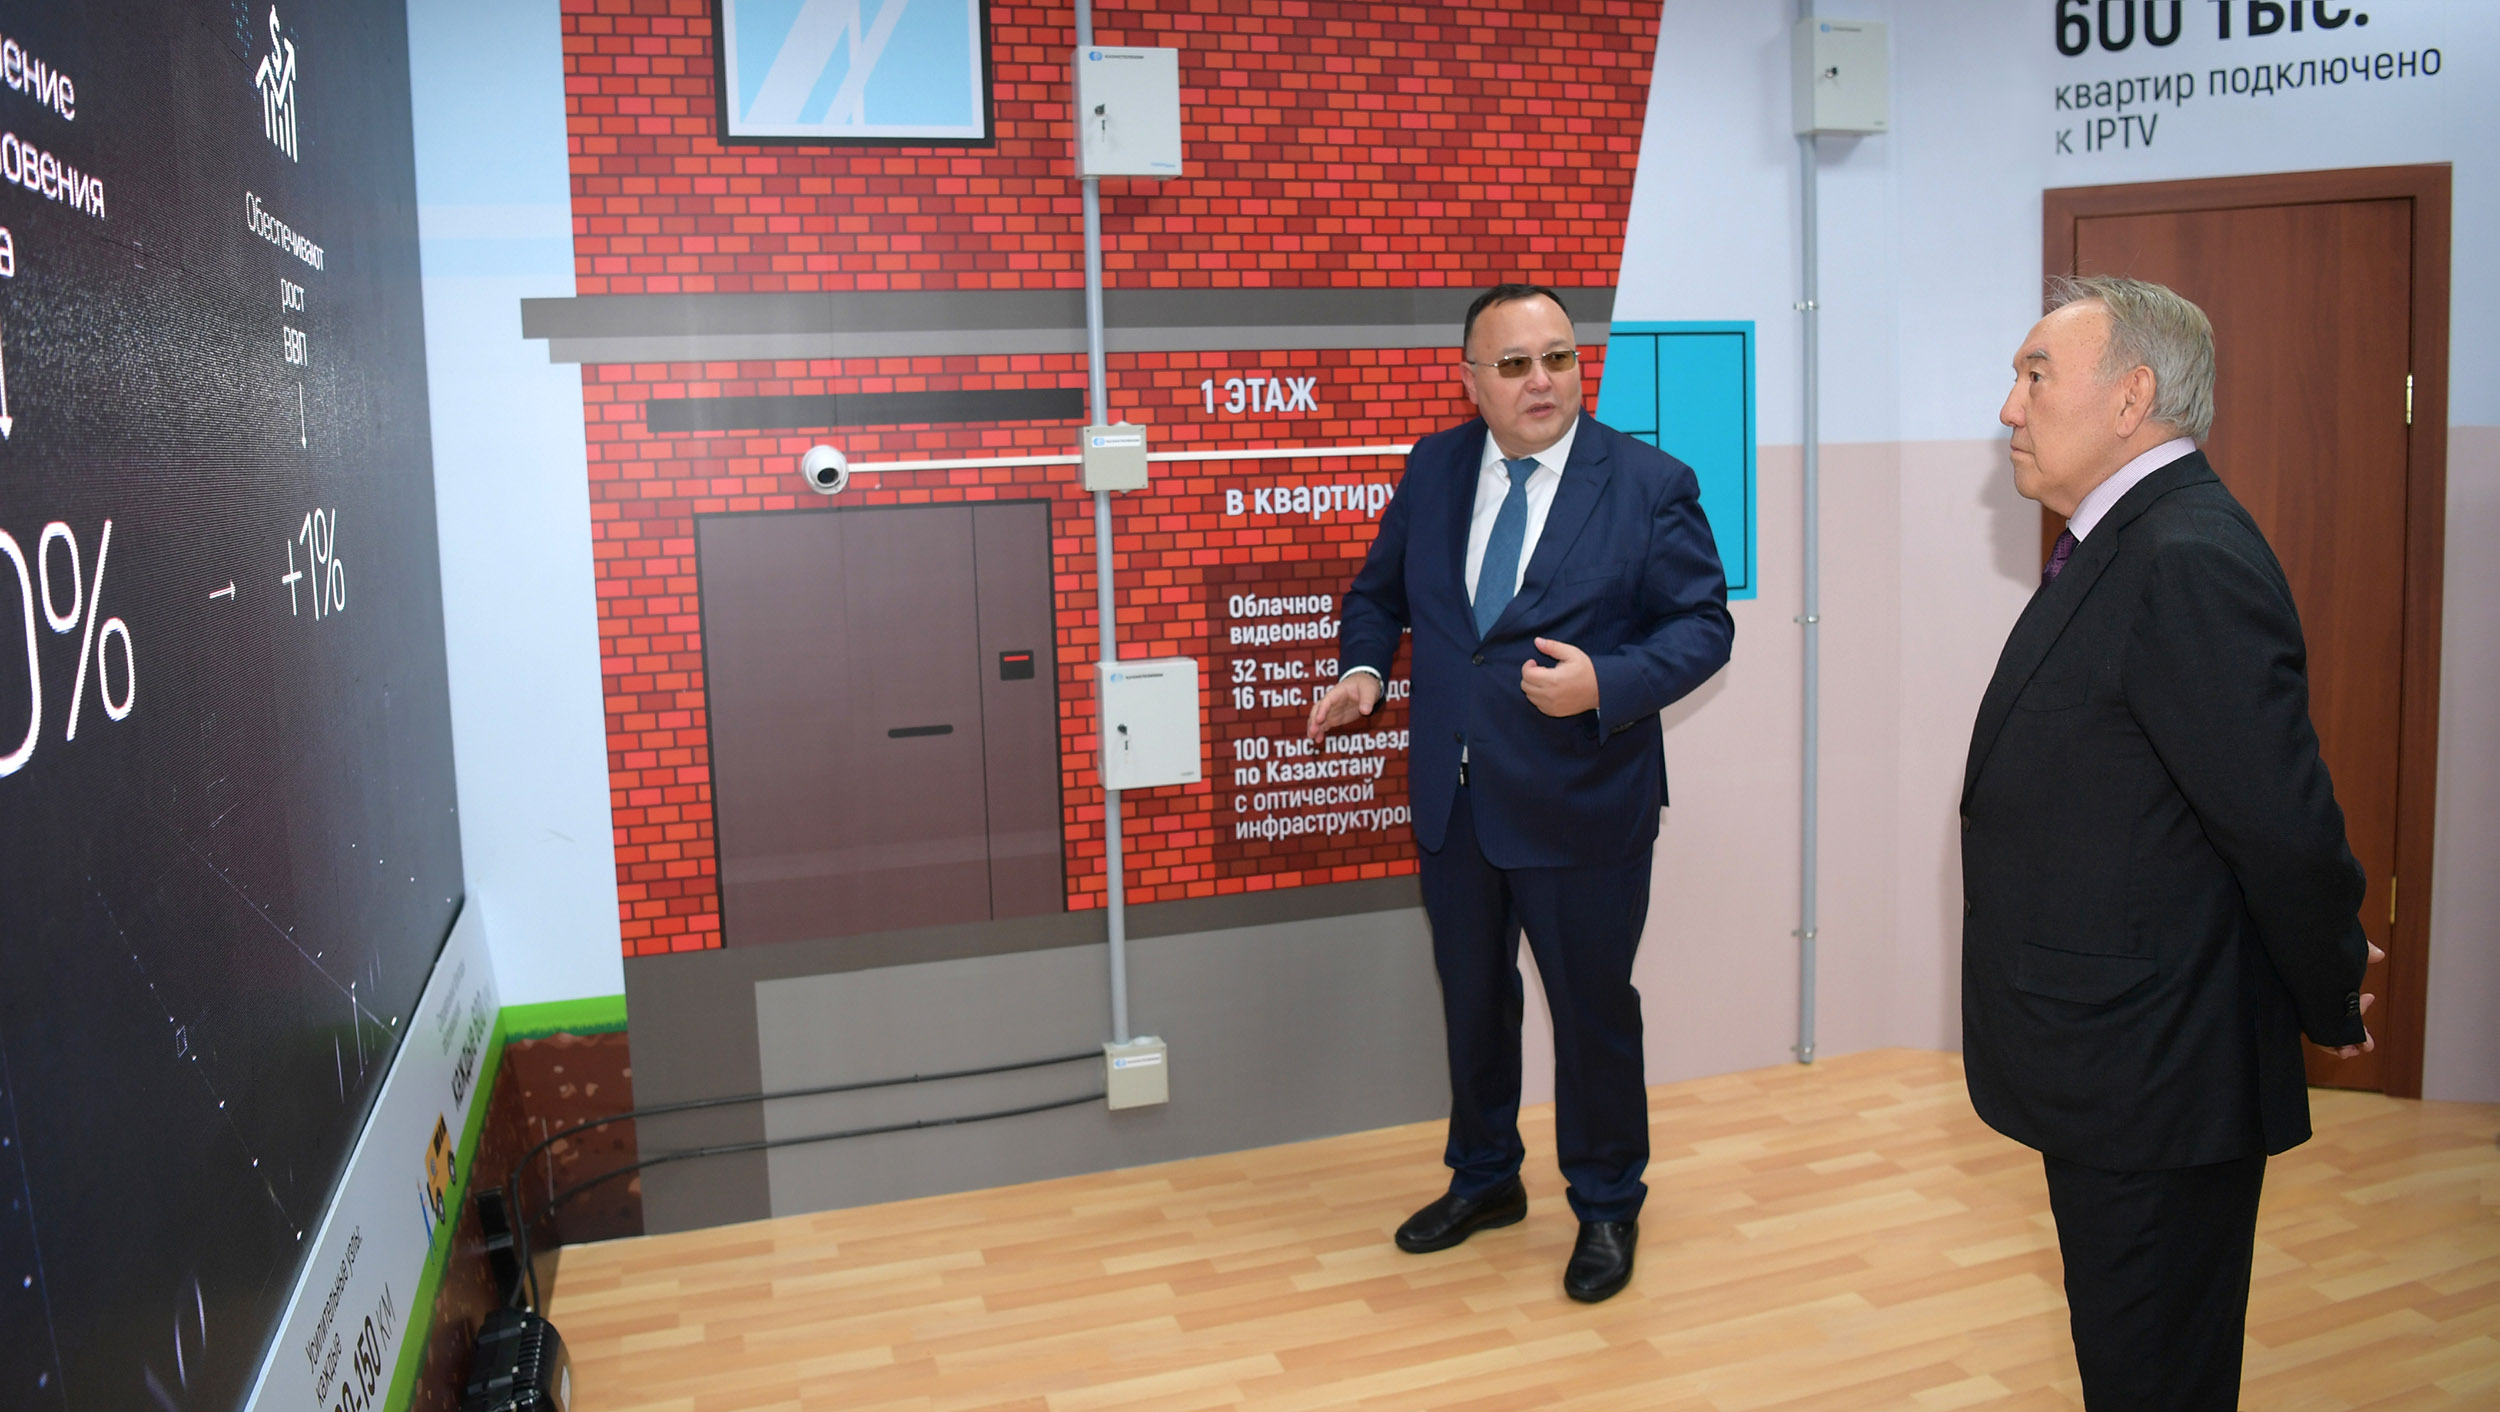 Елбасы «Қазақтелеком» АҚ-ның мәліметтерді өңдеу орталығында болды